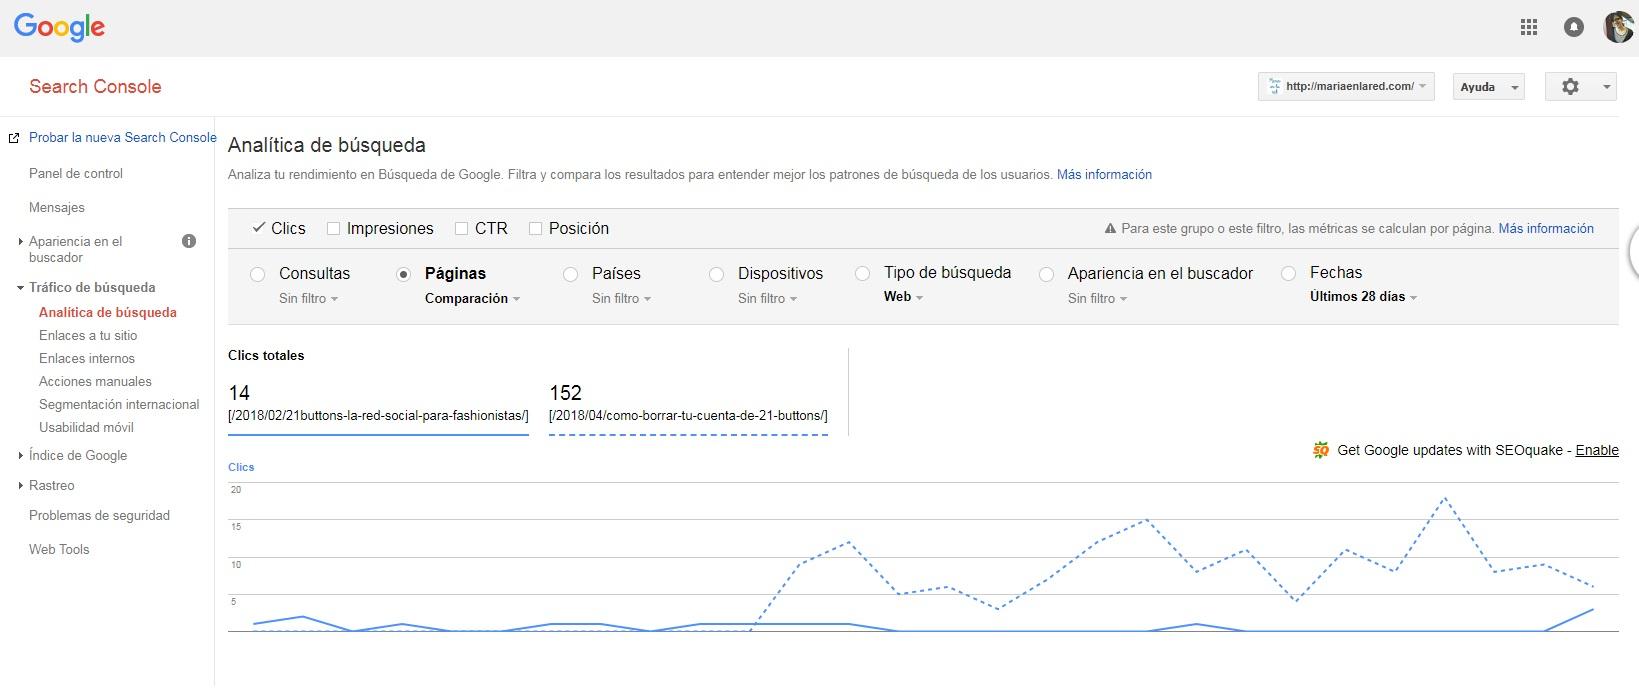 Google Search Console busquedas en Google comparacion de paginas